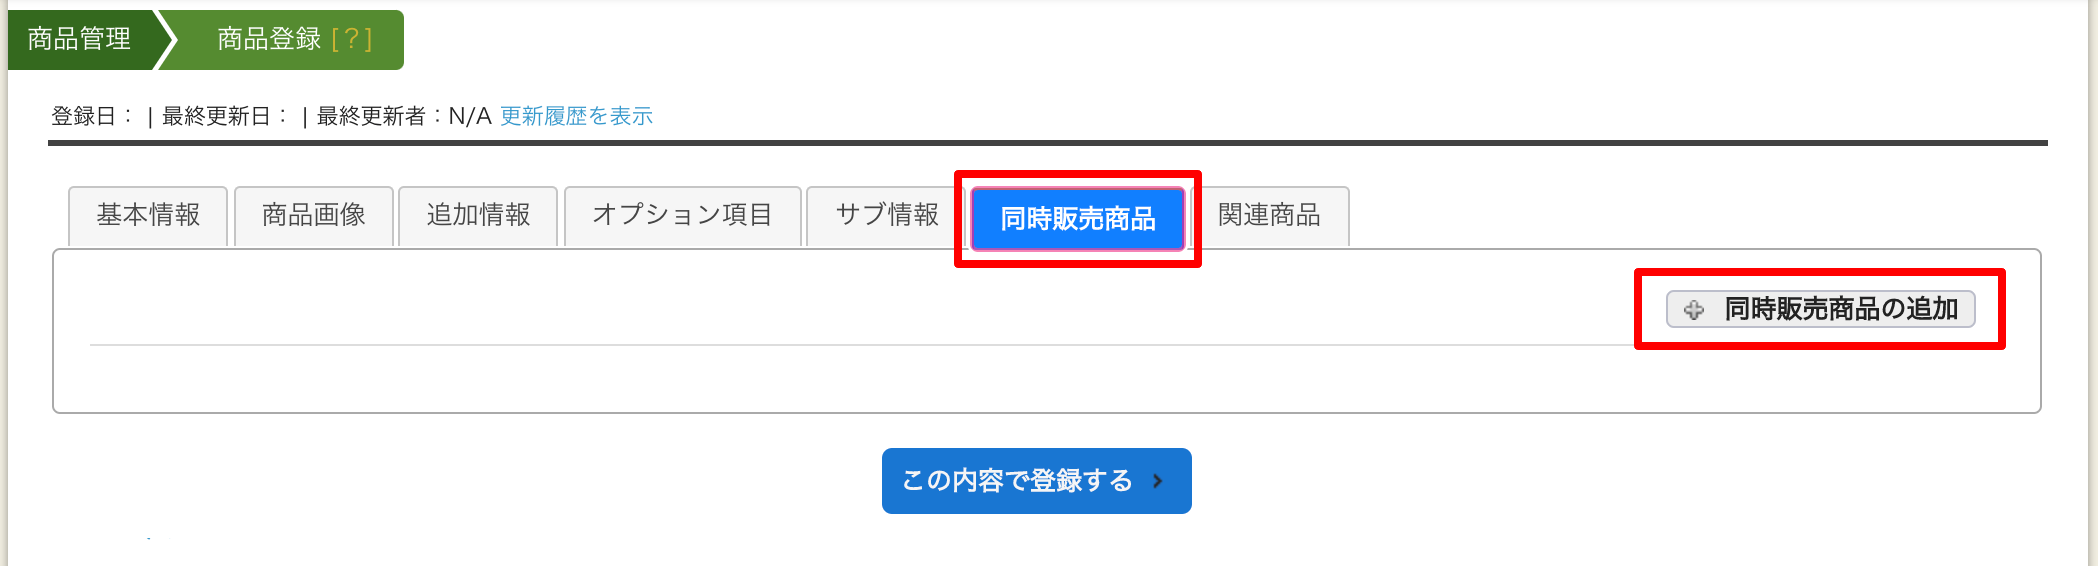 商品登録設定>同時販売商品